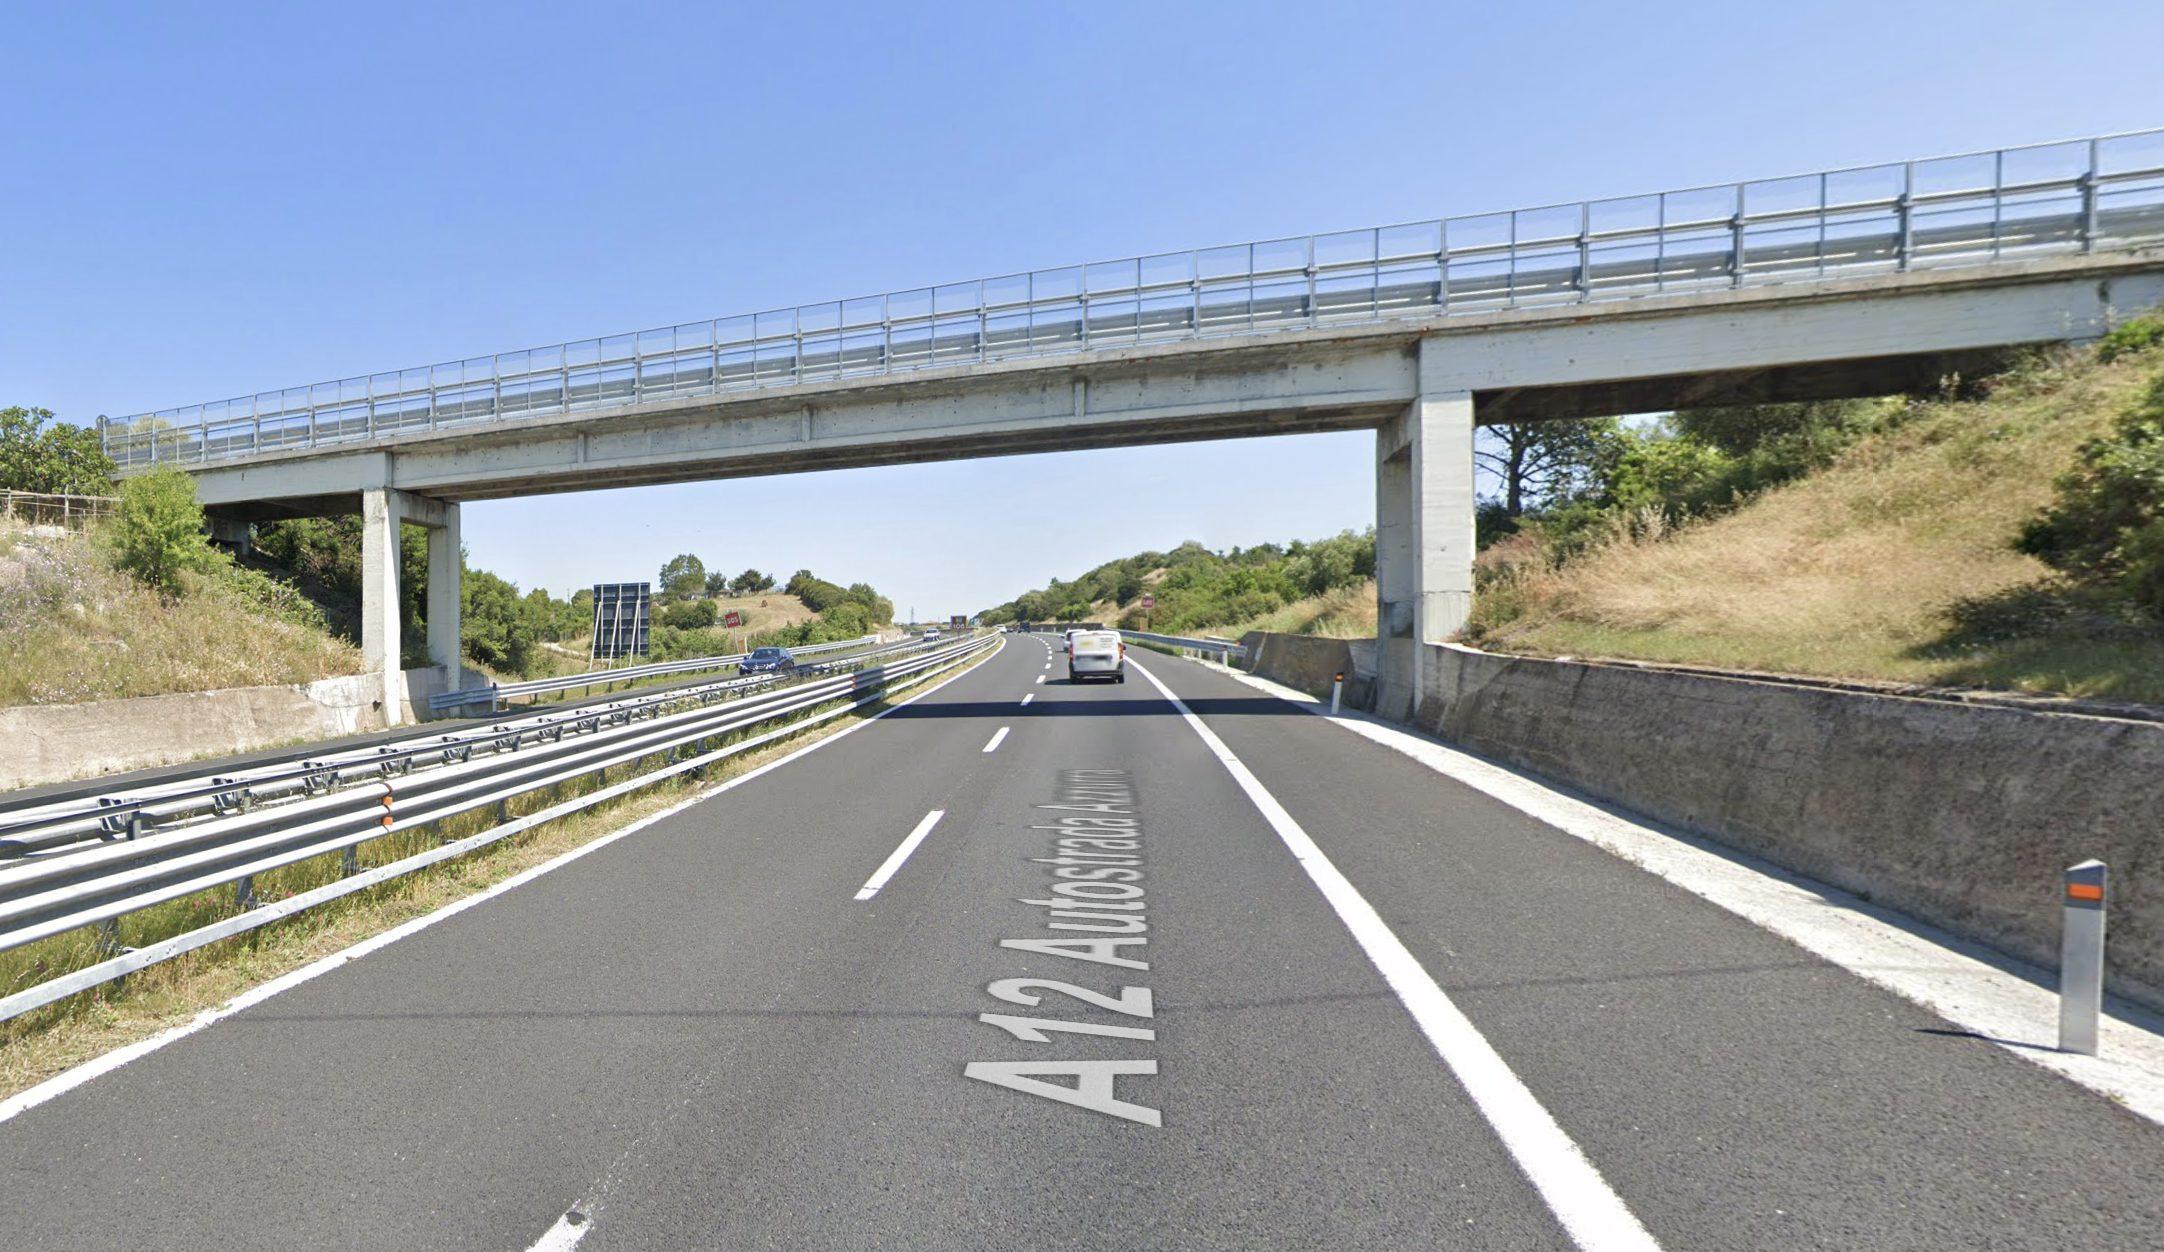 Roma: Un uomo è stato lasciato dalla sua donna, decide di lanciarsi dal cavalcavia